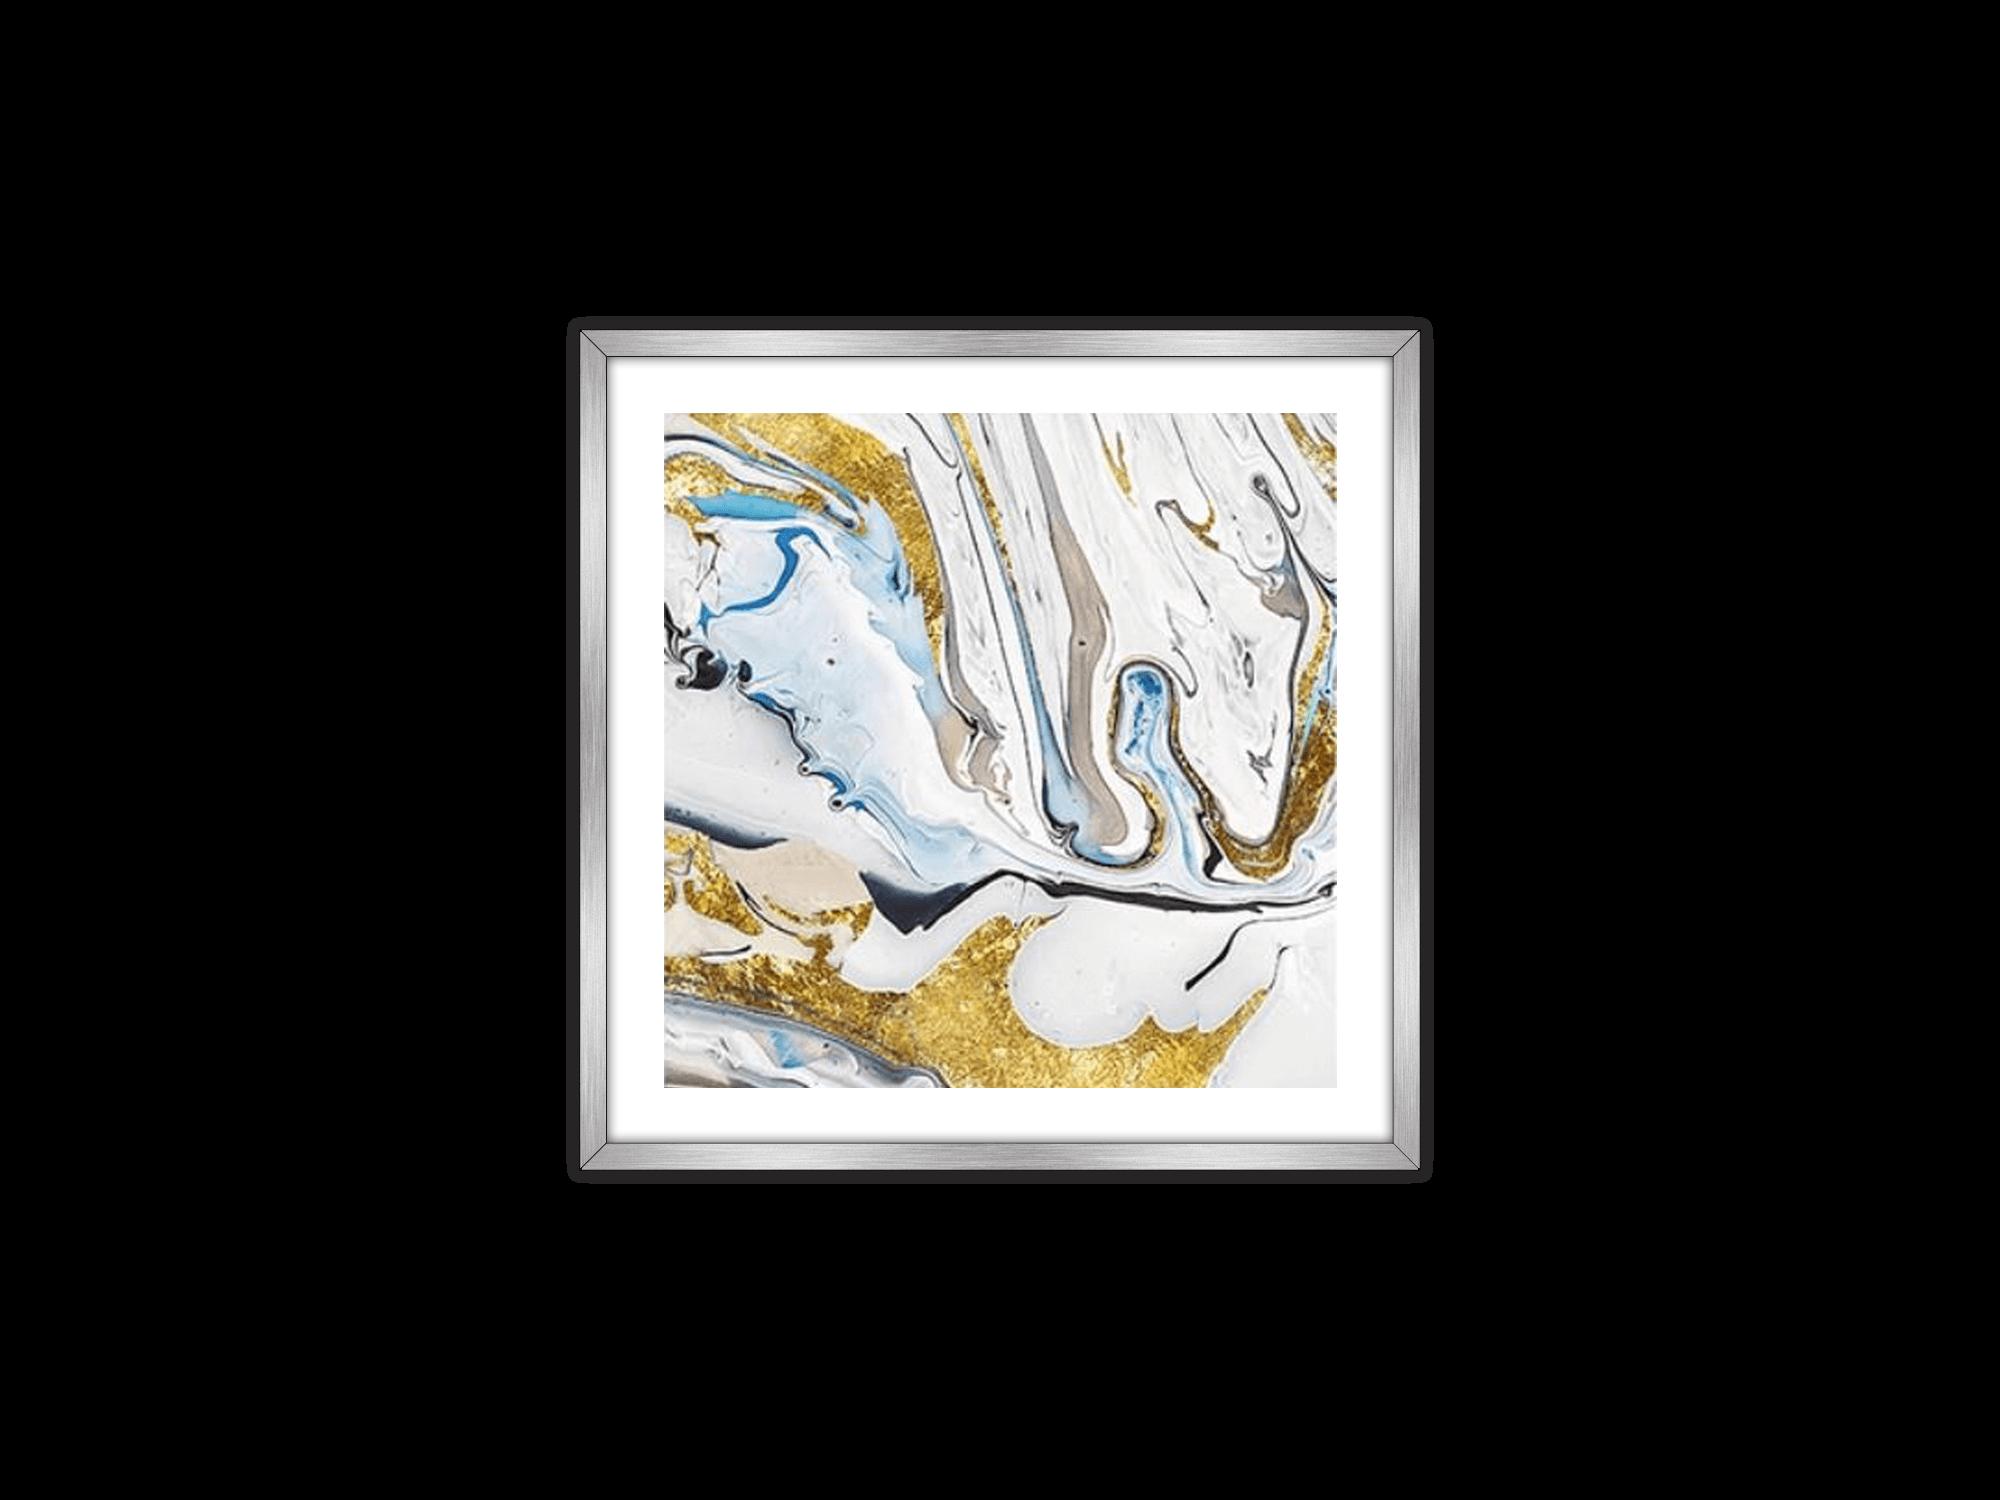 Gold Art 23